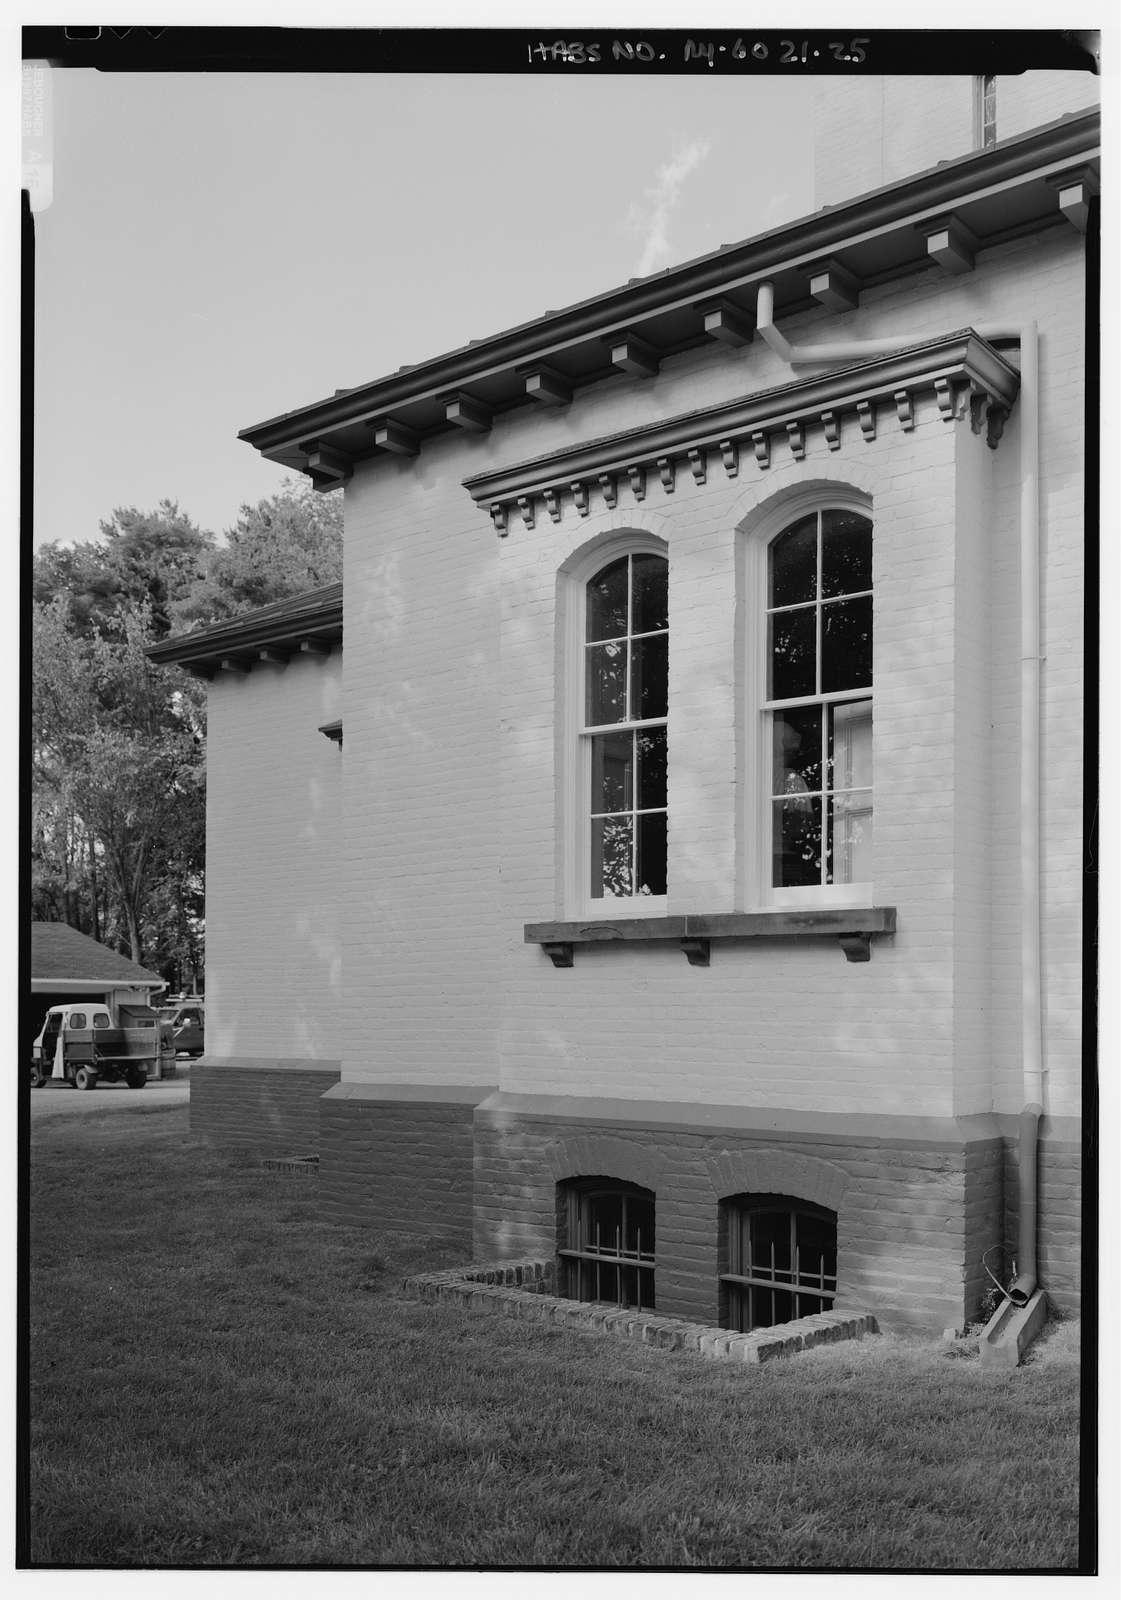 Lindenwald, 1013 Old Post Road, Kinderhook, Columbia County, NY